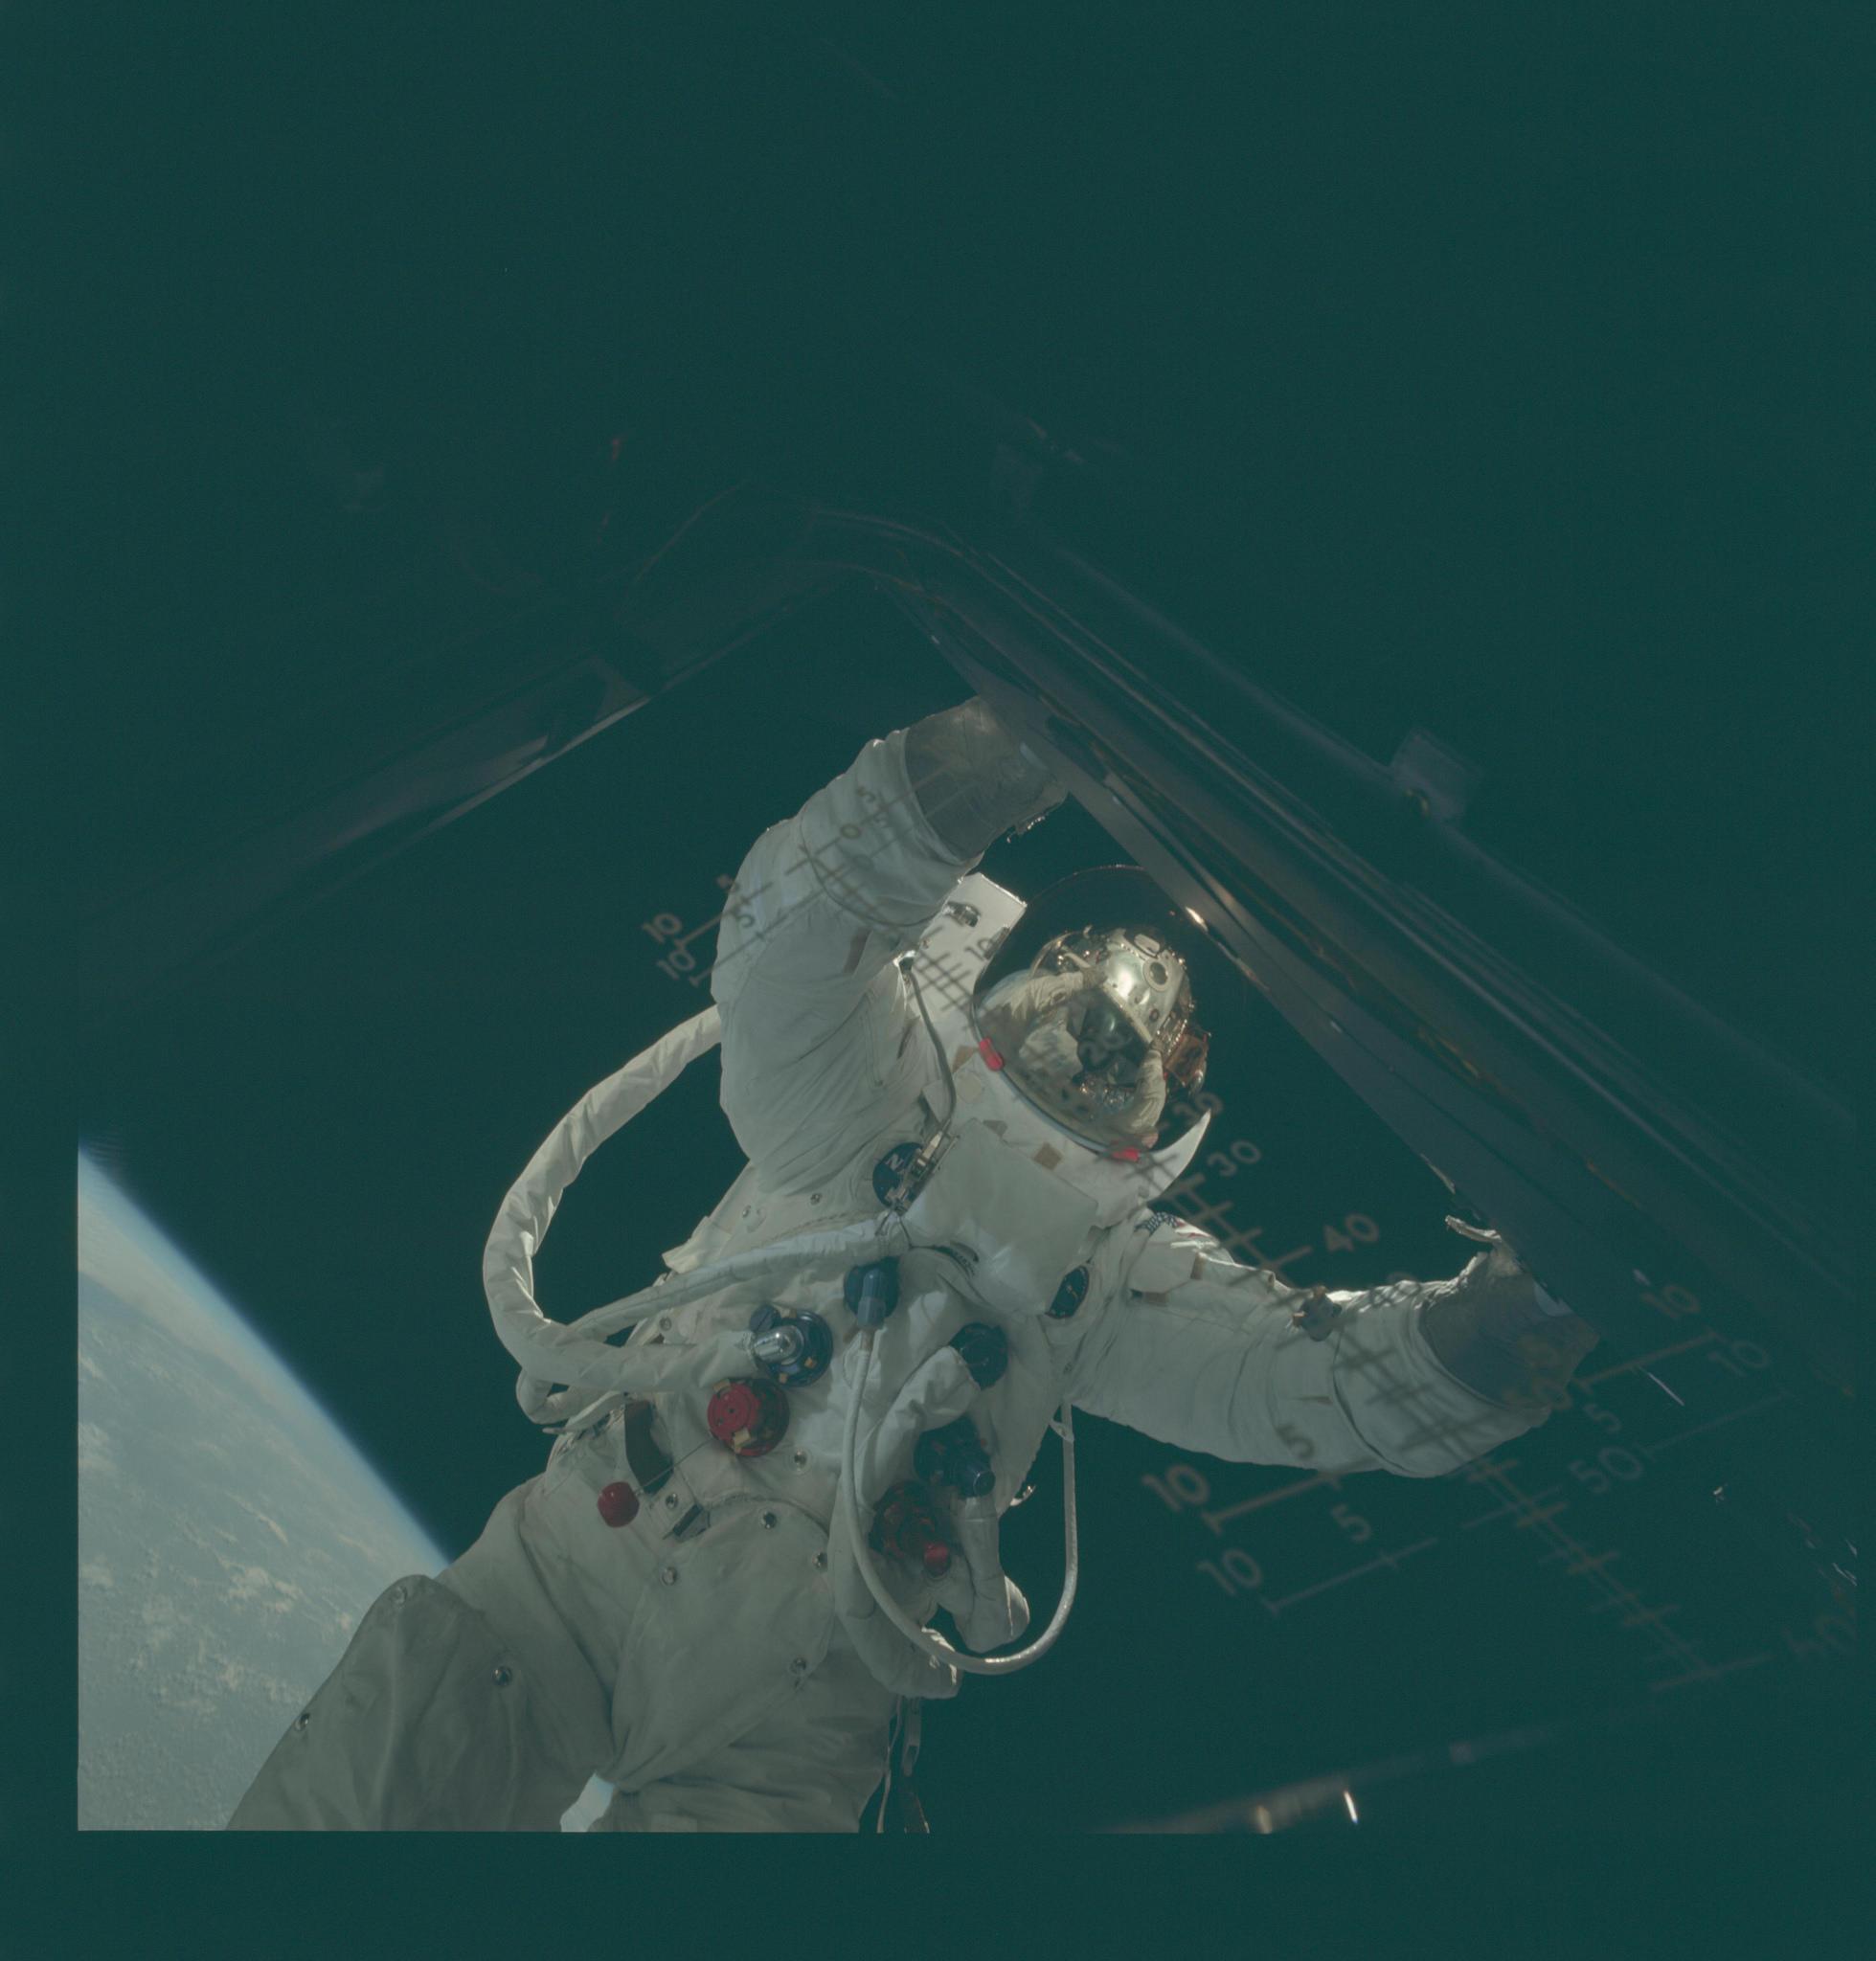 NASA Apollo